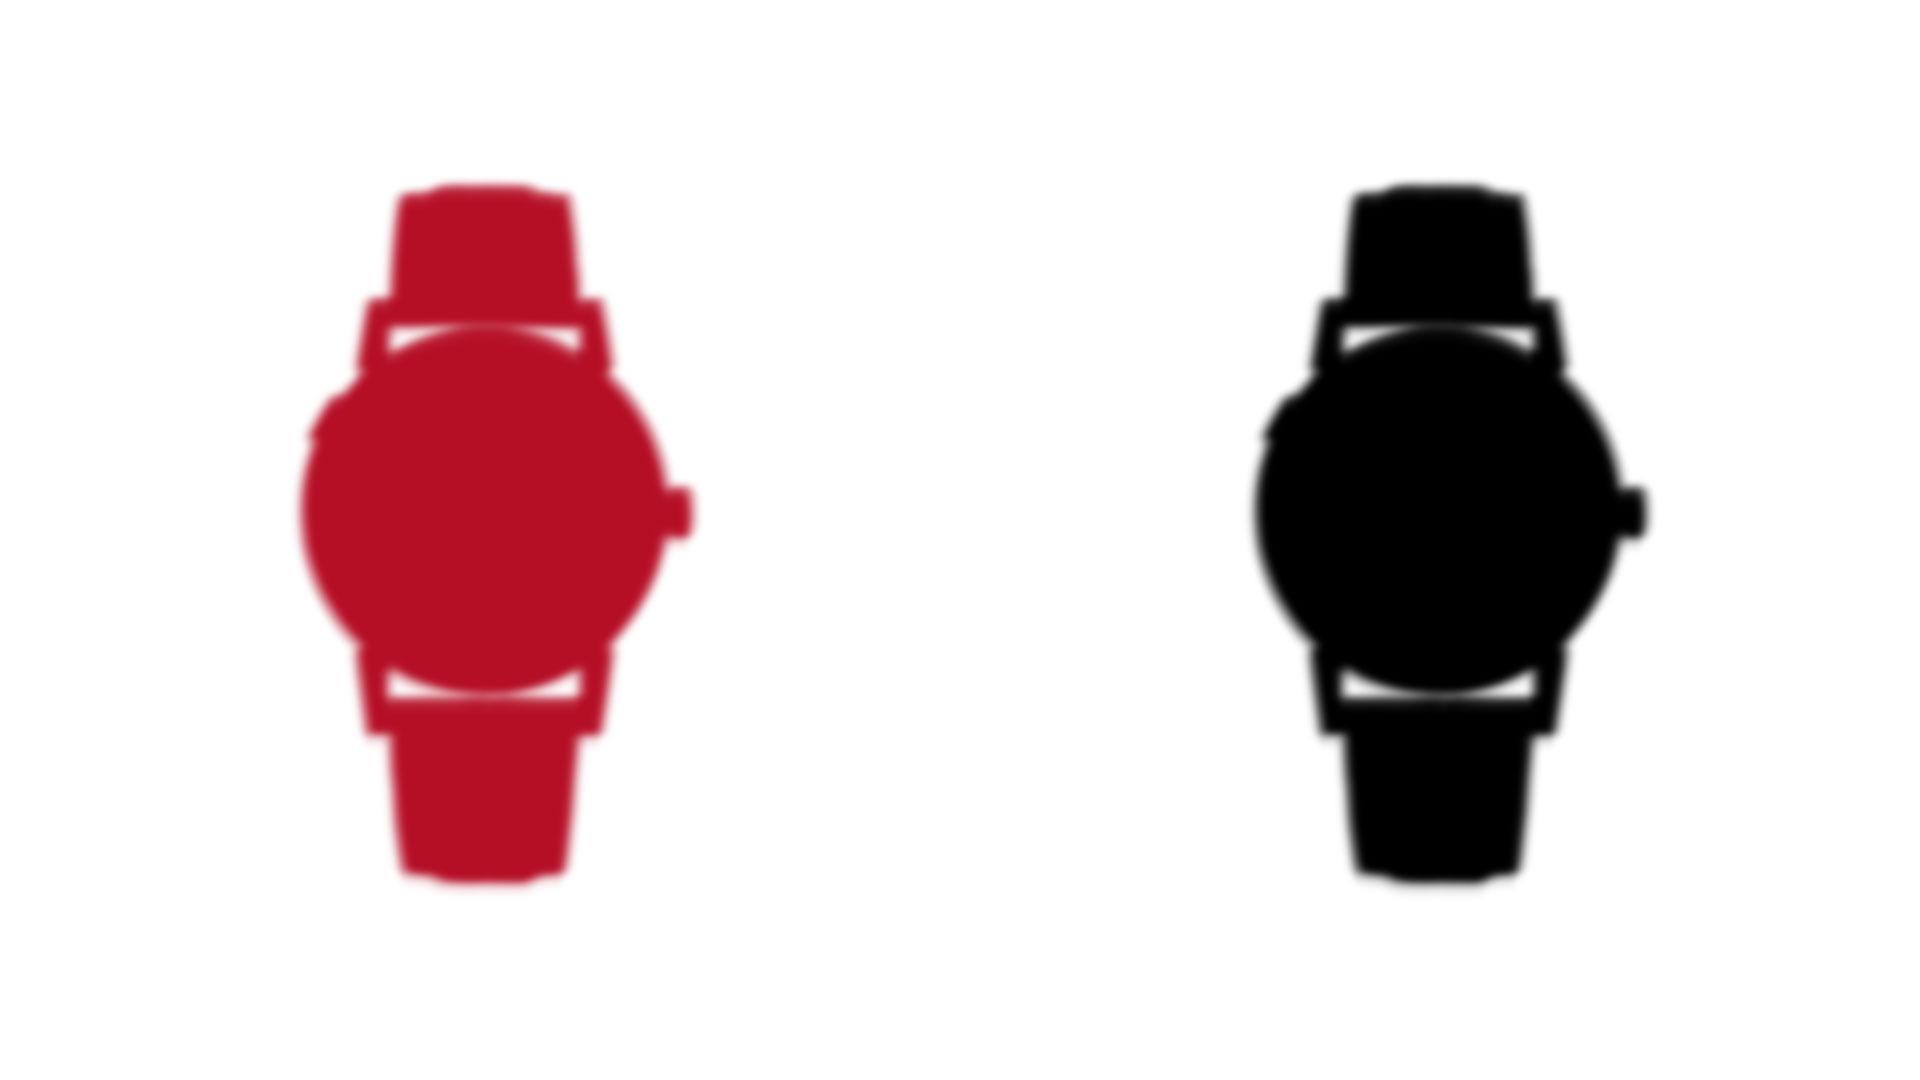 Vorschau Armbanduhren 1/2021 Uhr des Jahres 2021